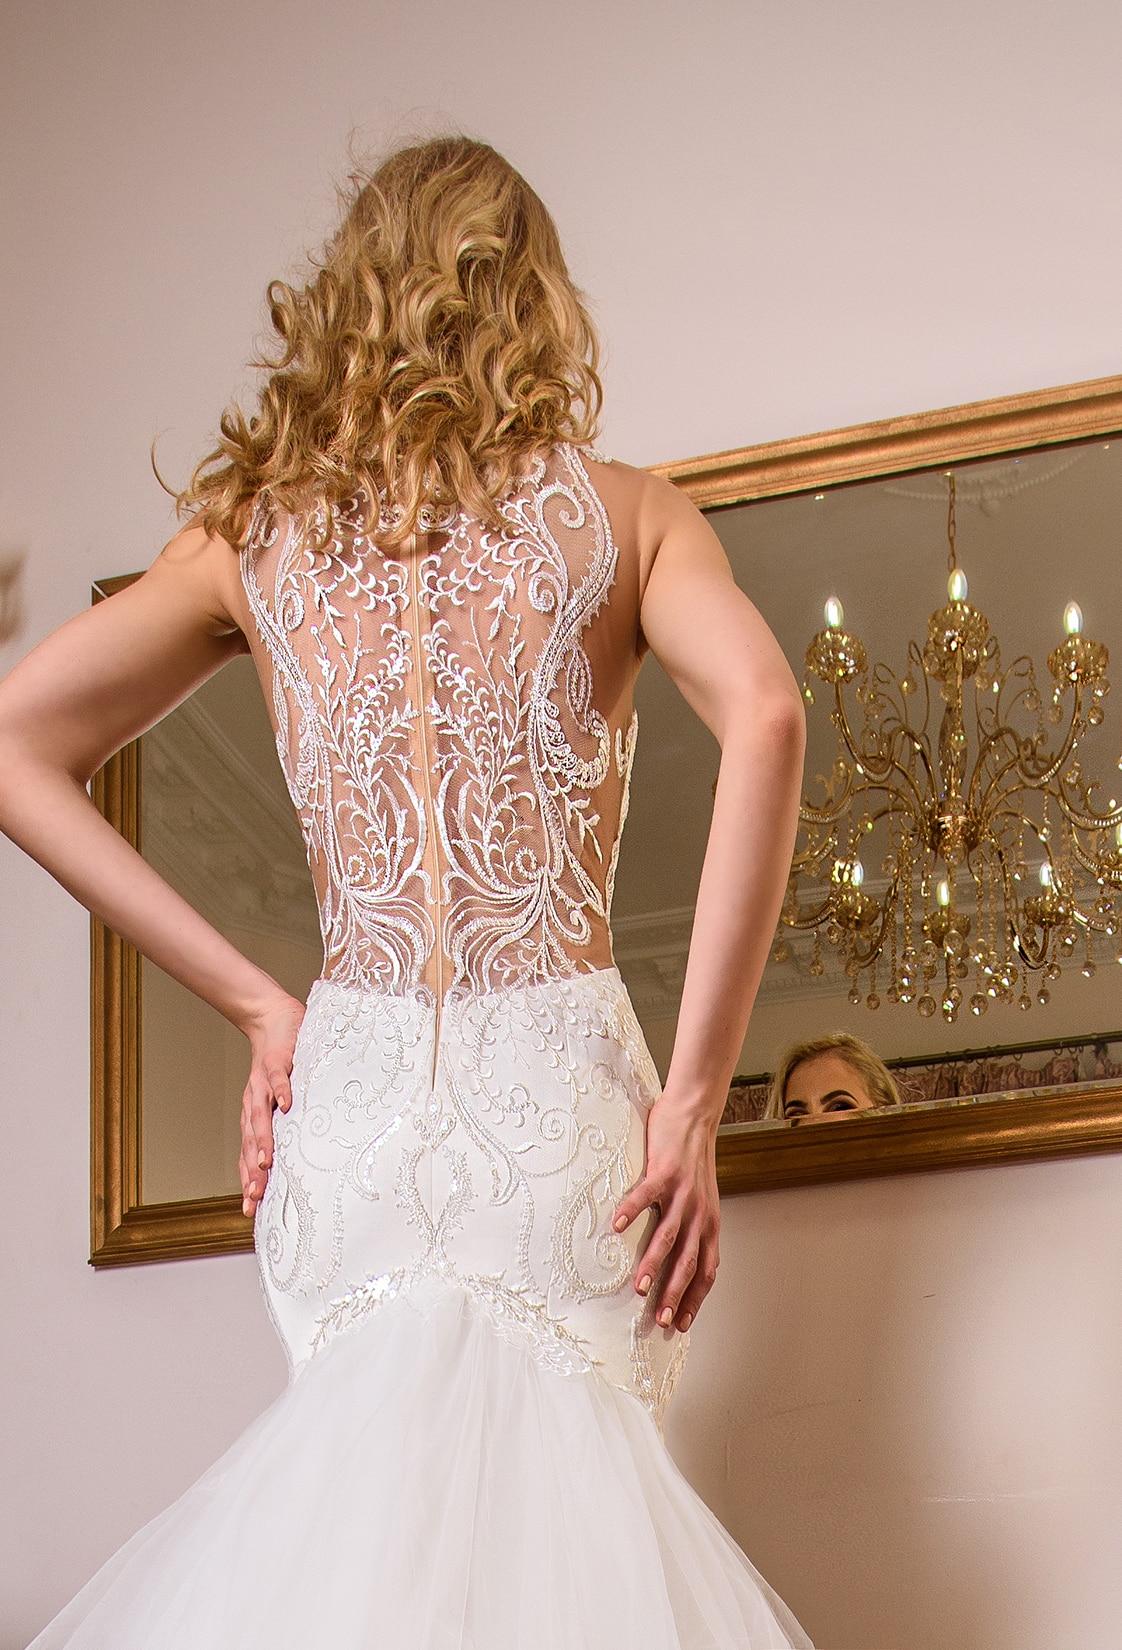 Nayan Model - Colectia Baroque - Adora Sposa (5)